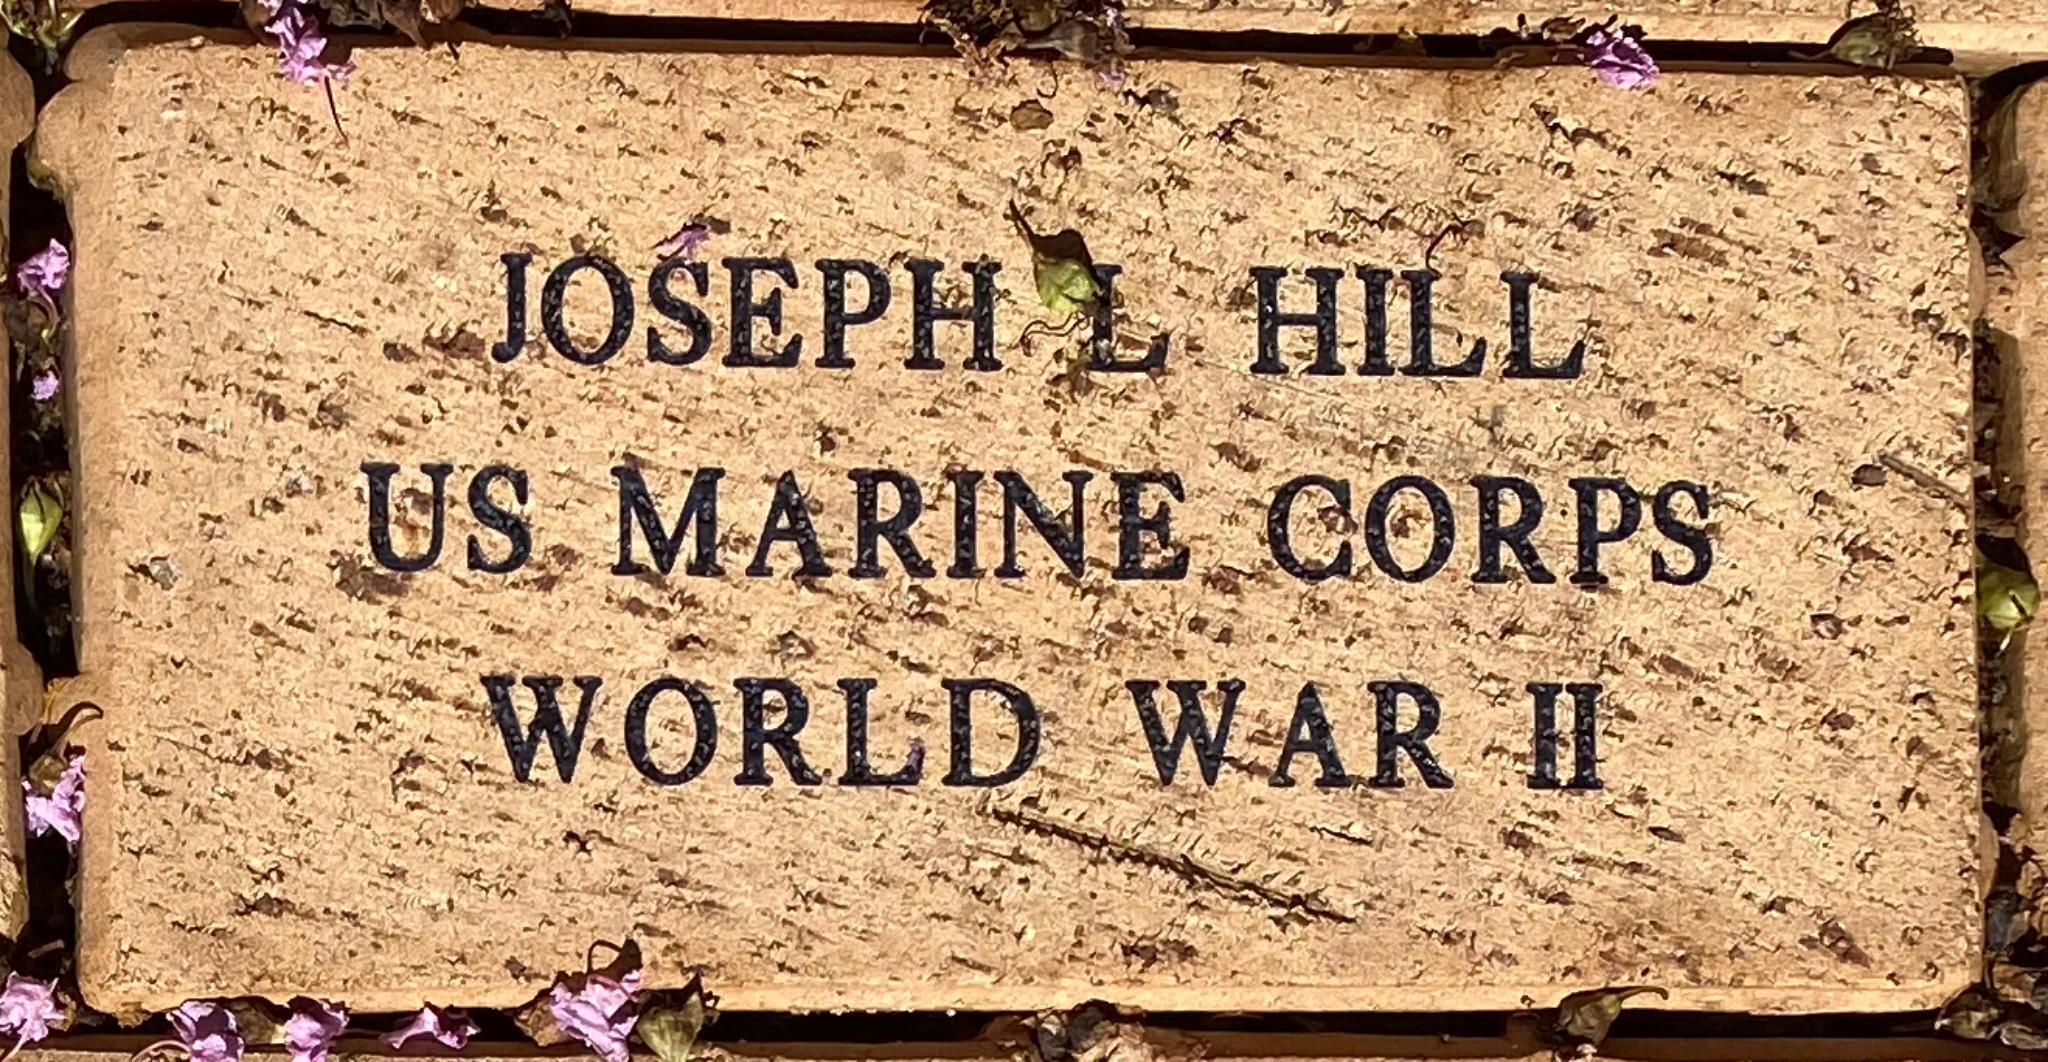 JOSEPH L HILL US MARINE CORPS WORLD WAR II